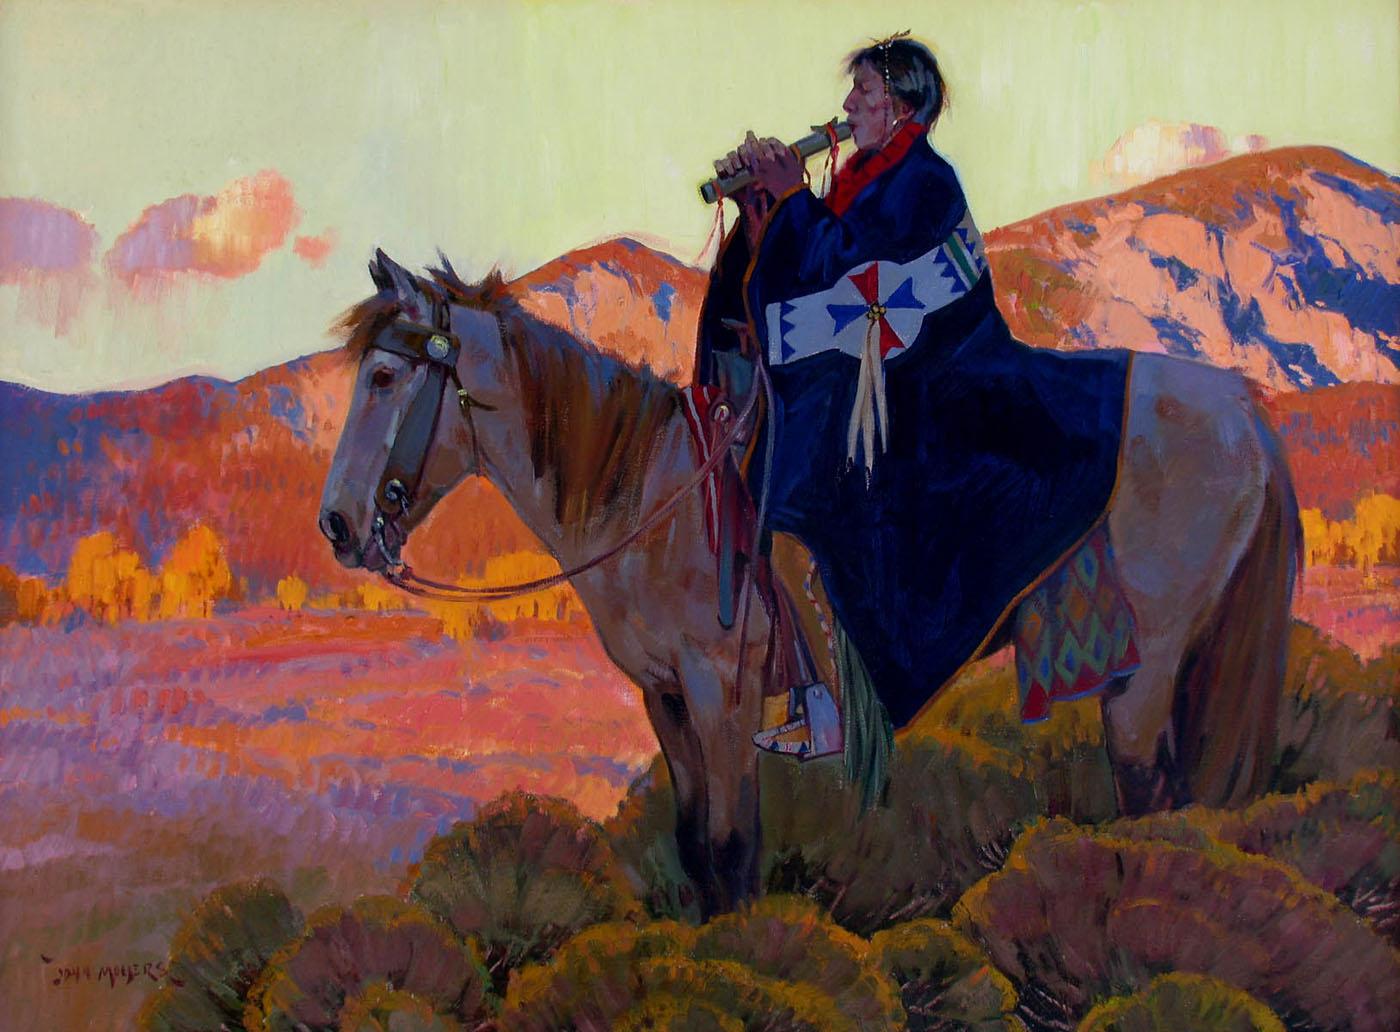 """John moyers, Sundown on Taos mountain, oil on canvas, 36"""" x 48"""""""